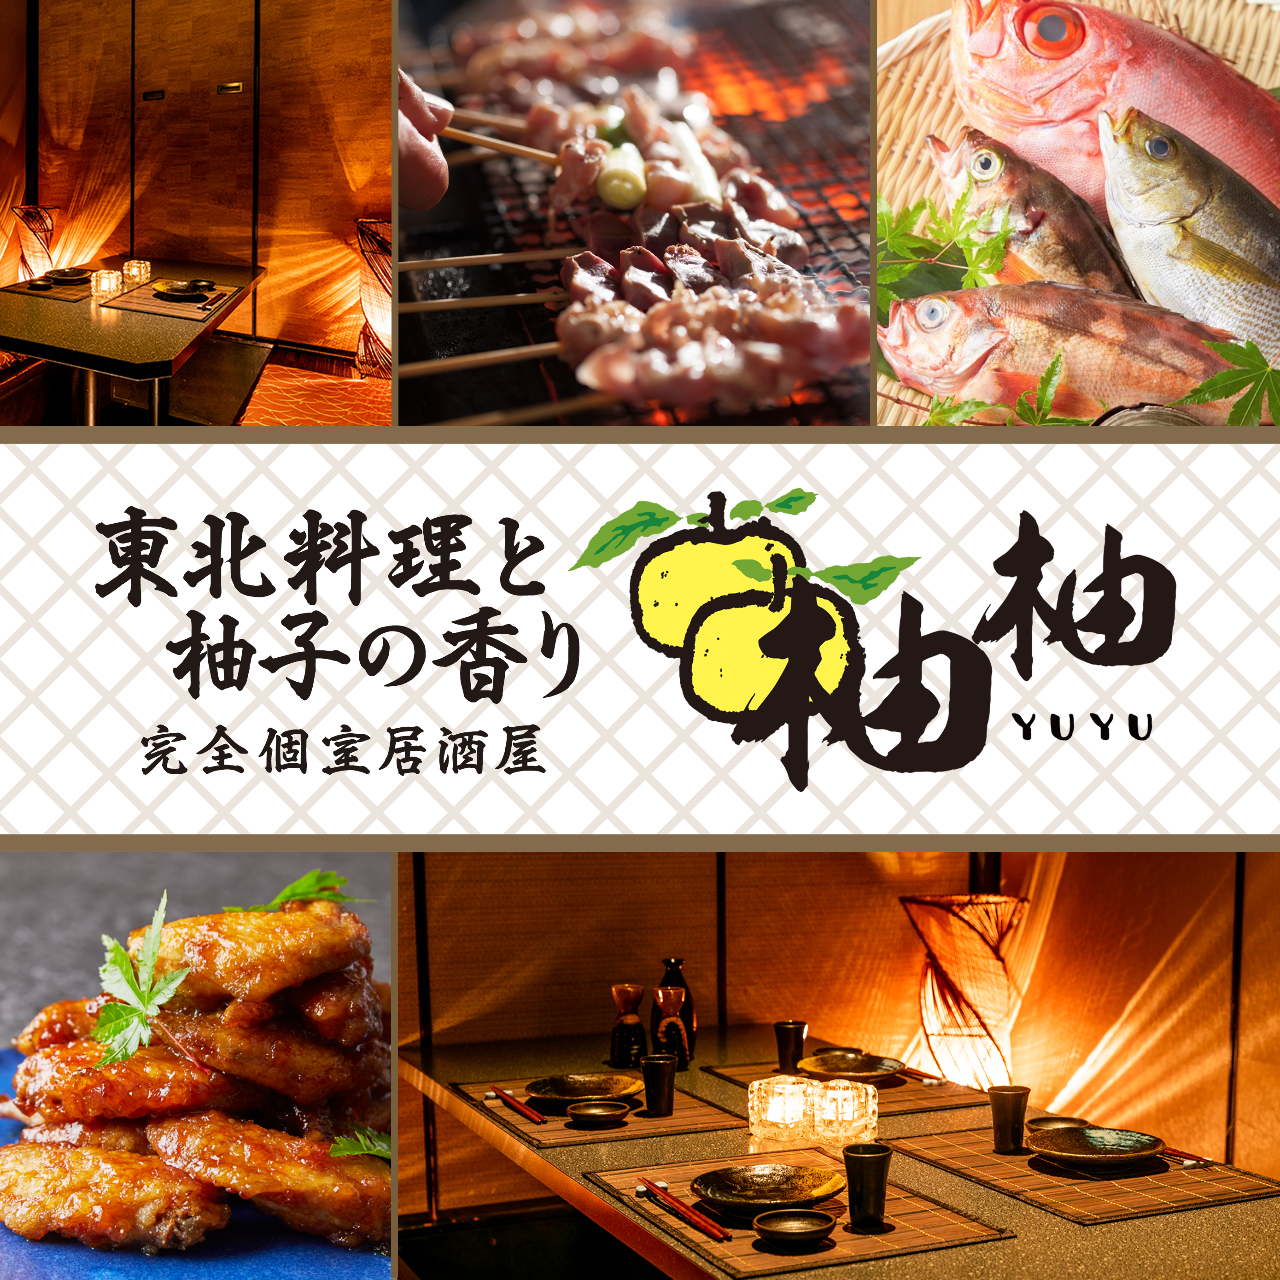 三島 個室居酒屋 柚柚〜yuyu〜 三島駅前店